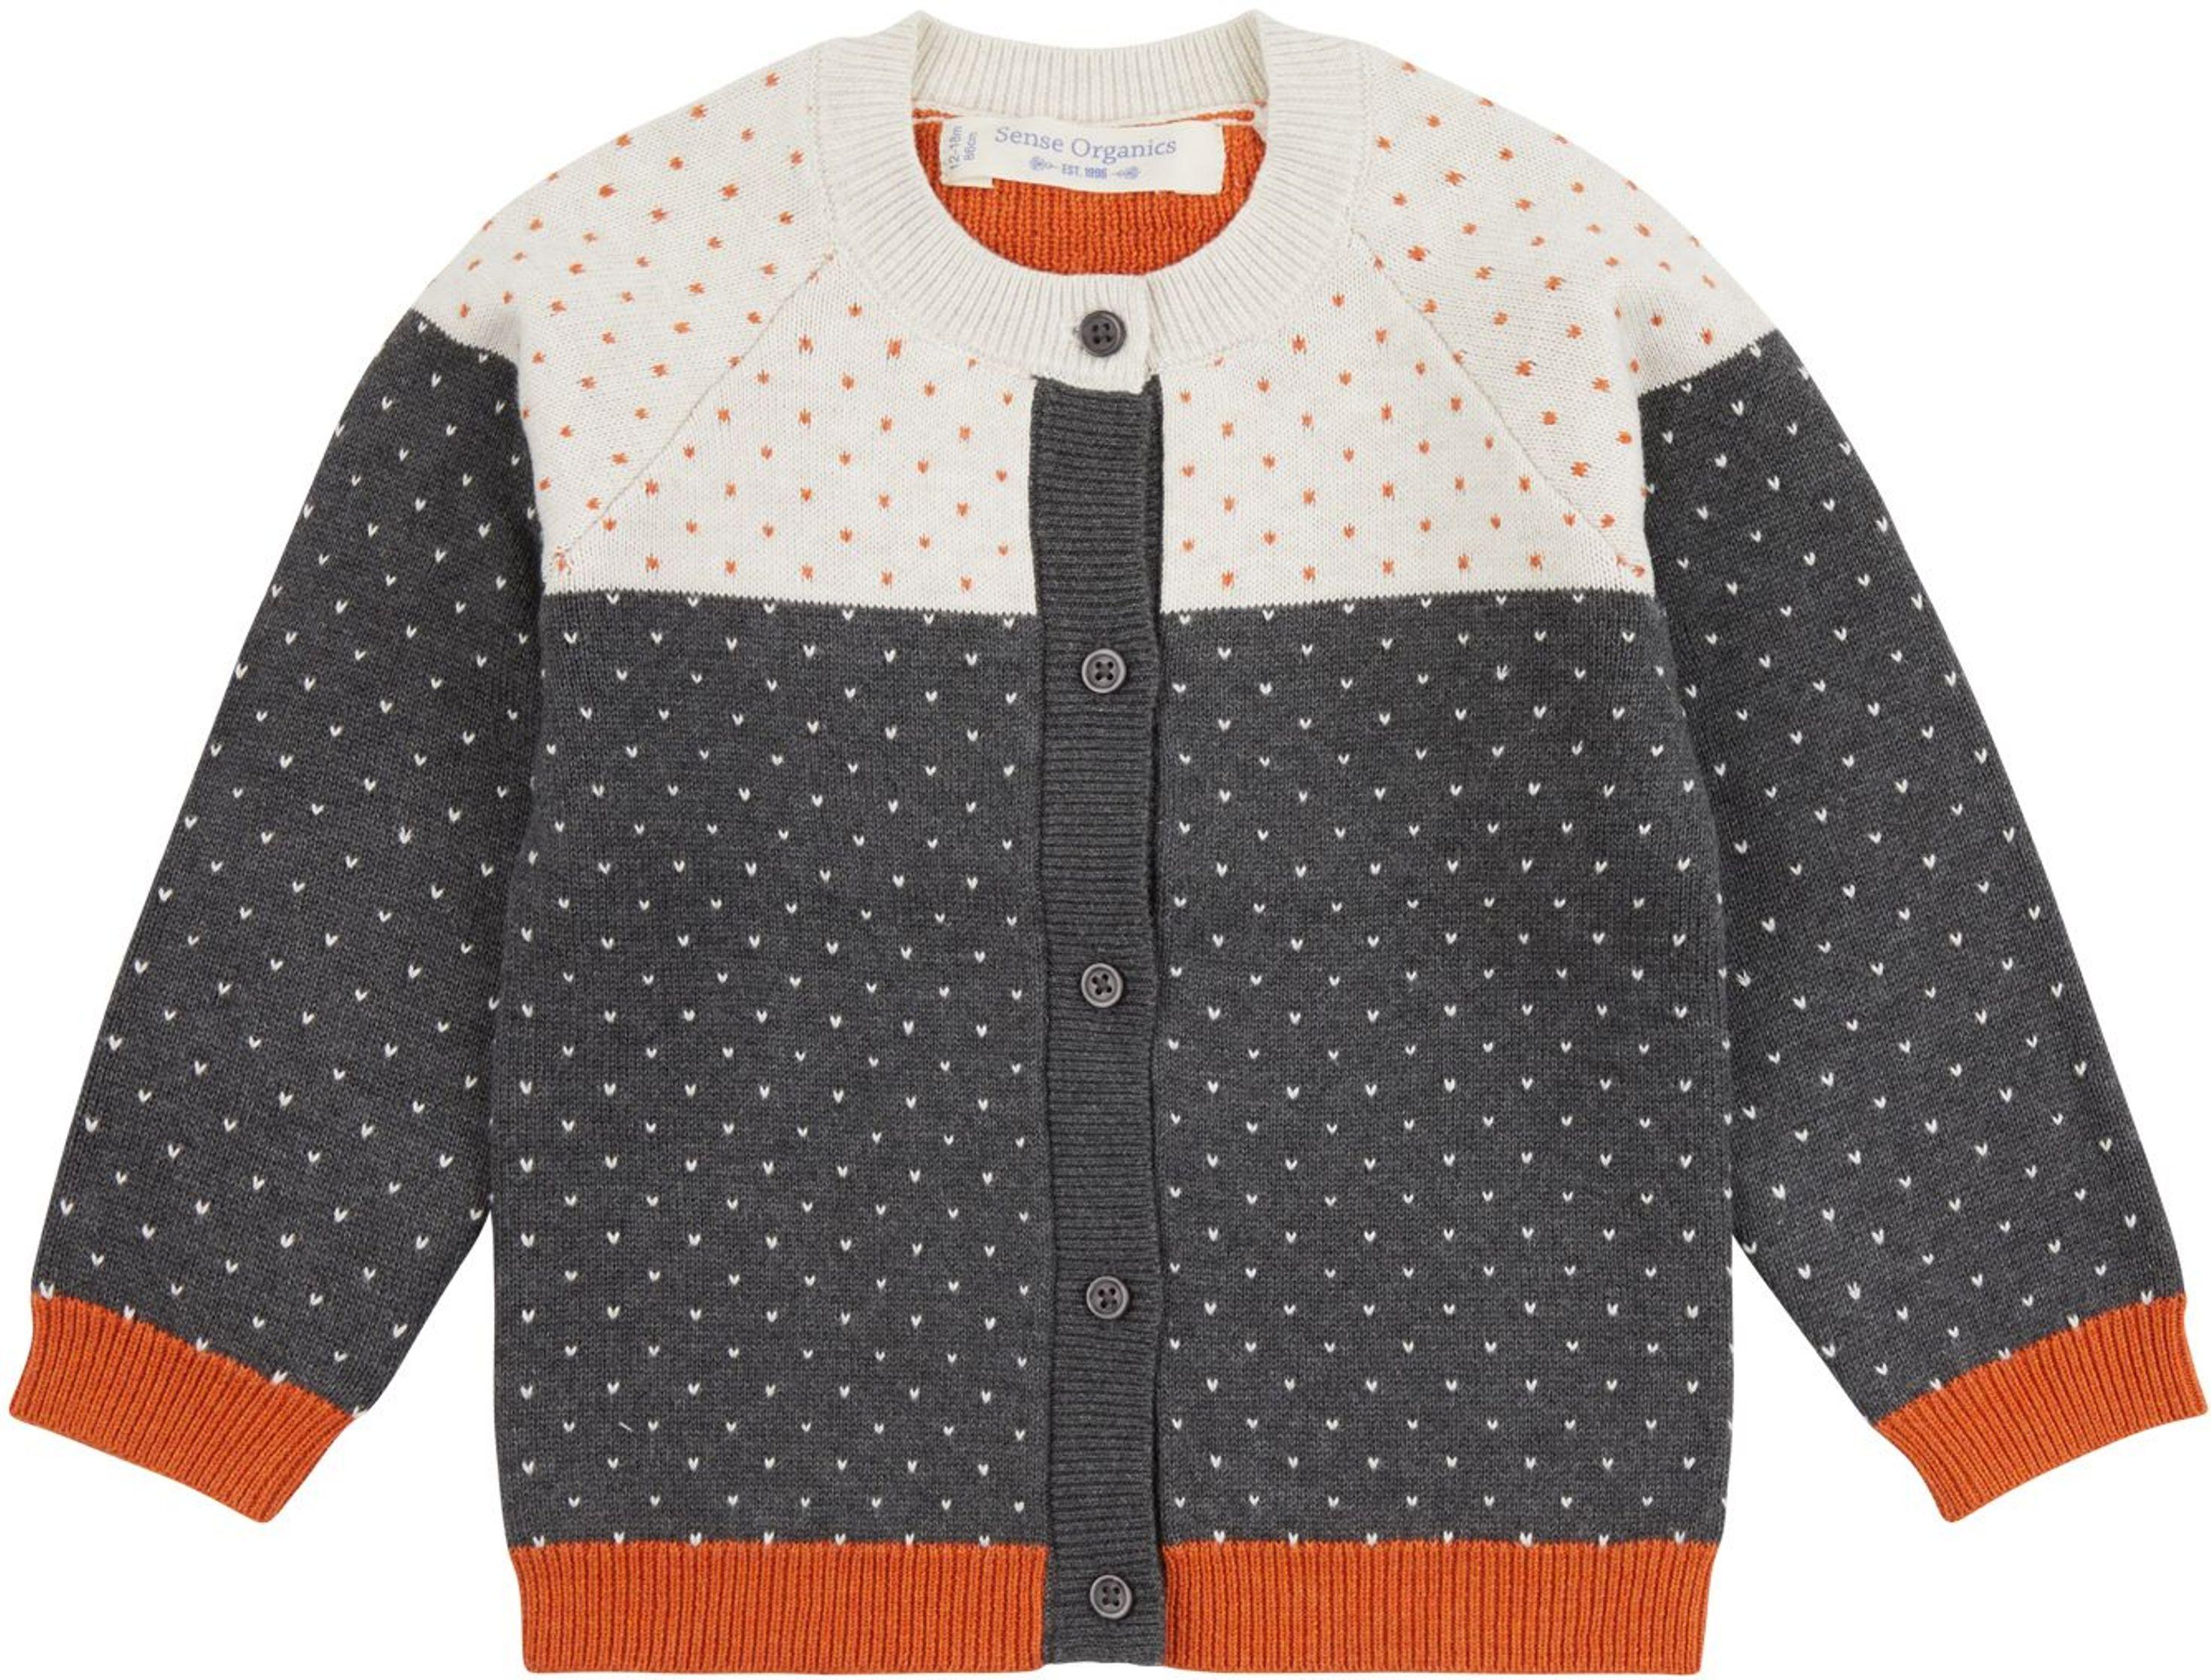 Sense Organic Erin Baby Knitted Cardigan pattern